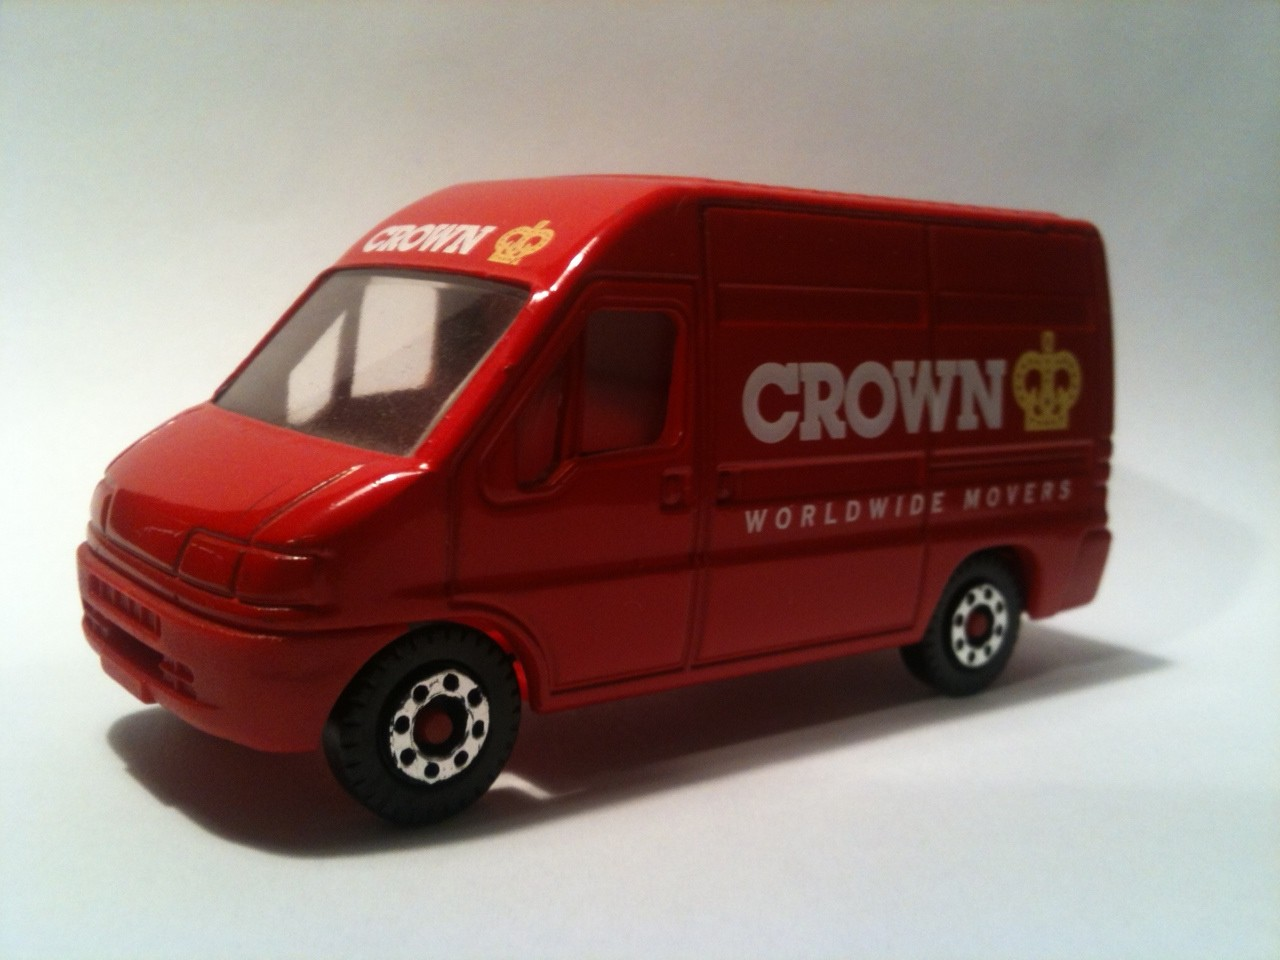 Crown bus